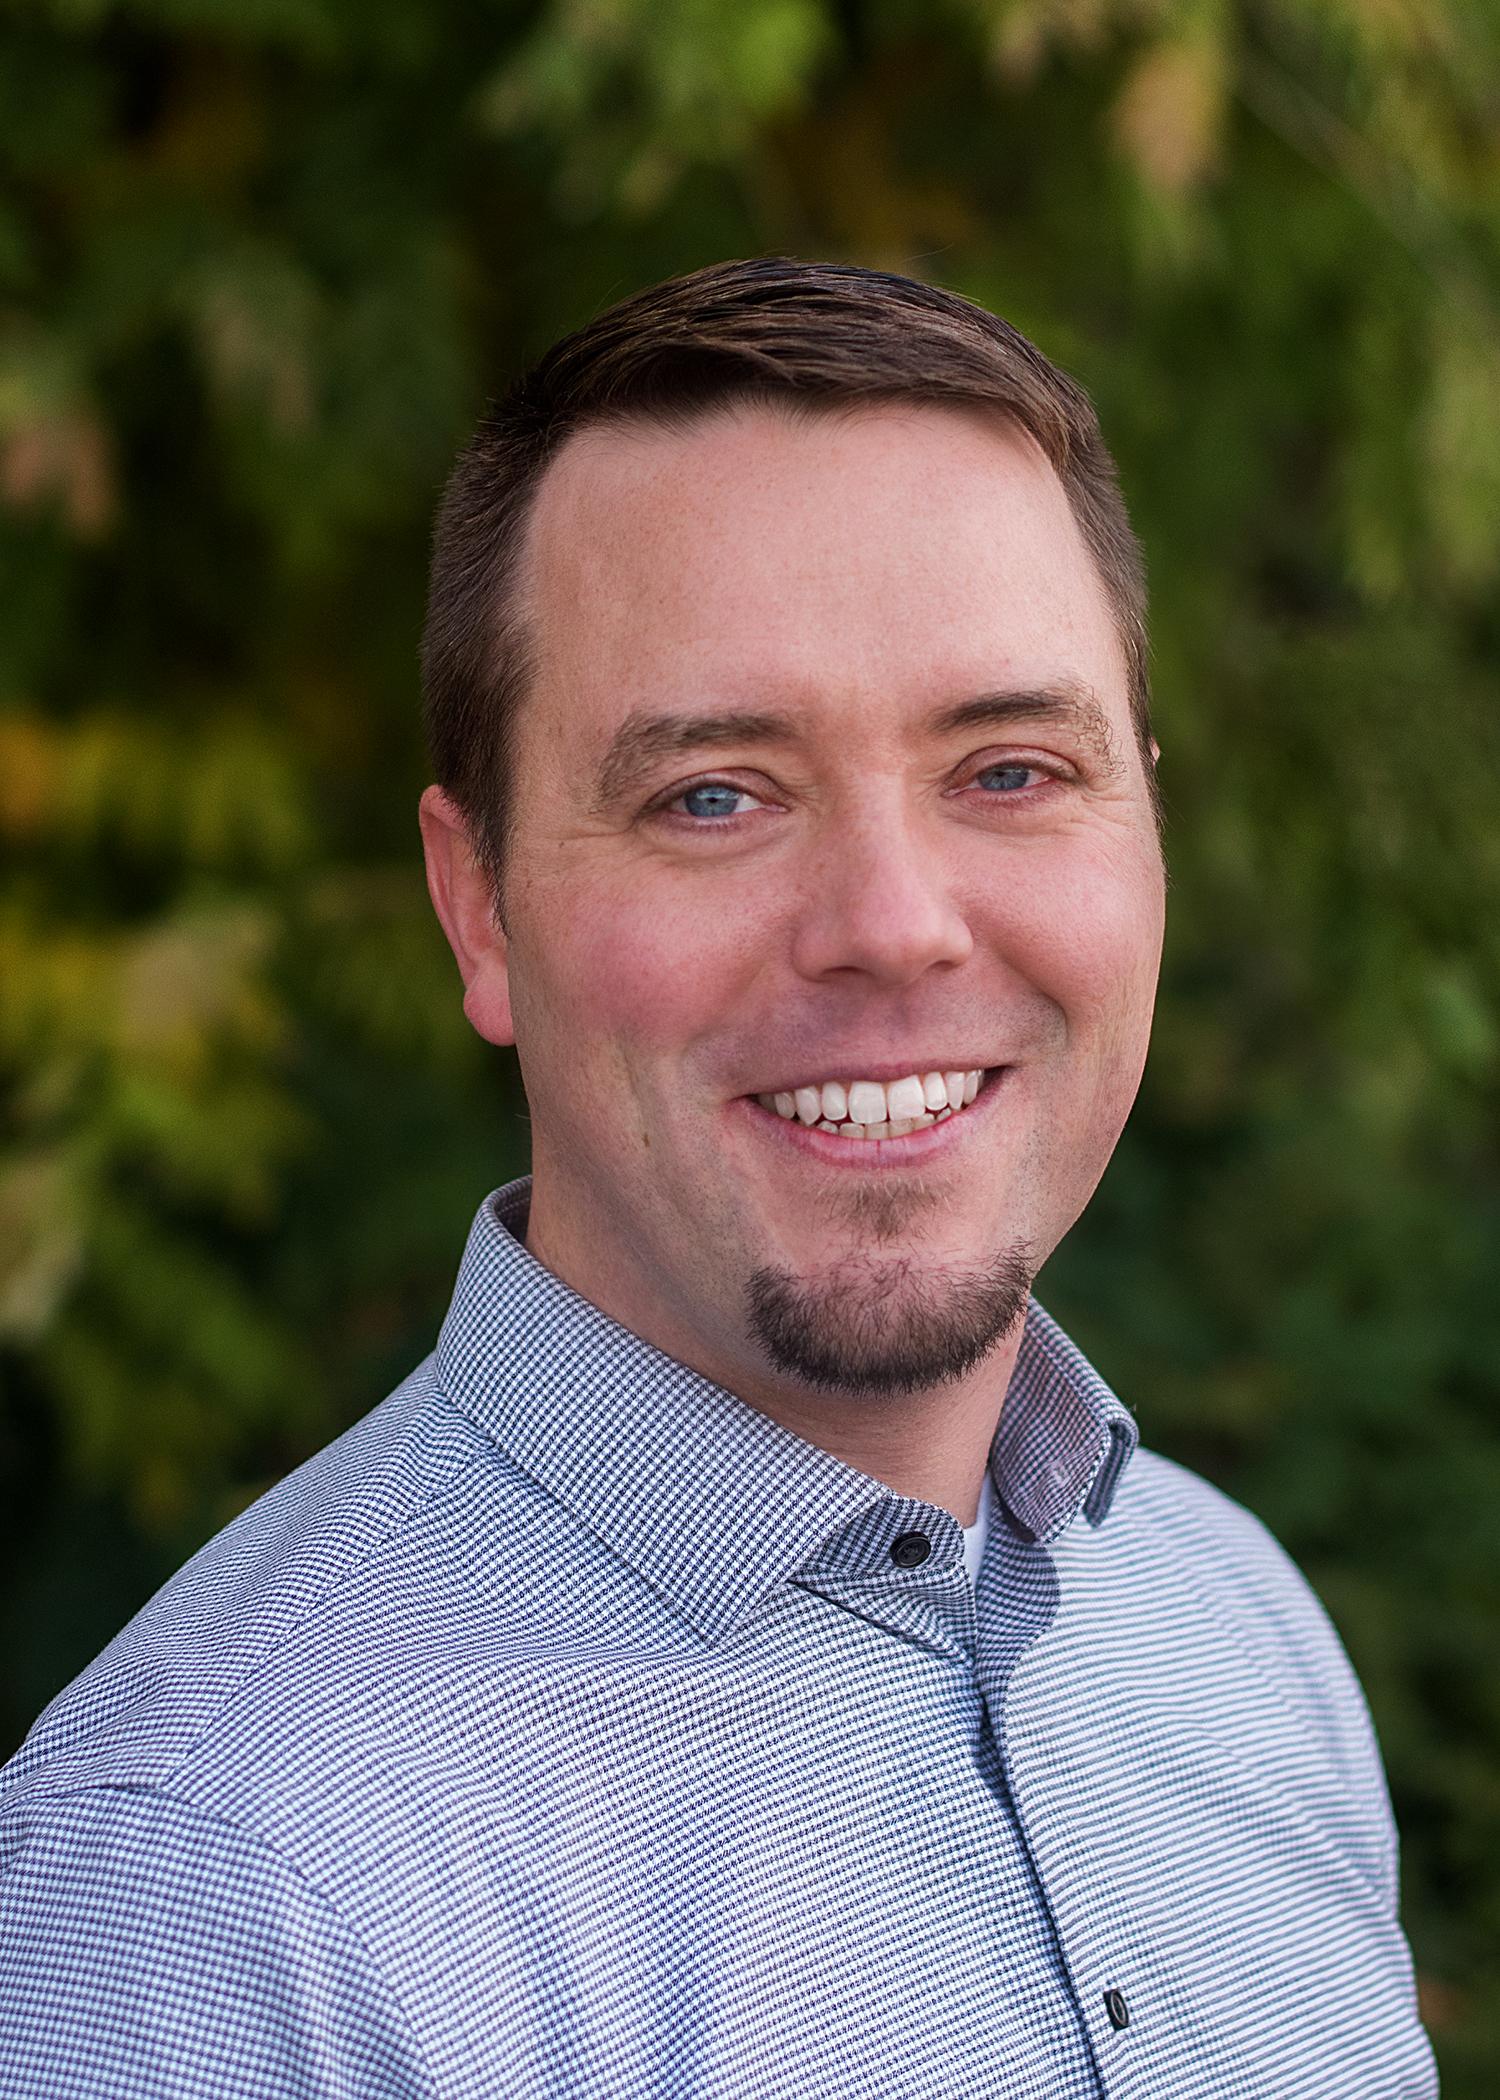 Kyle Hibler